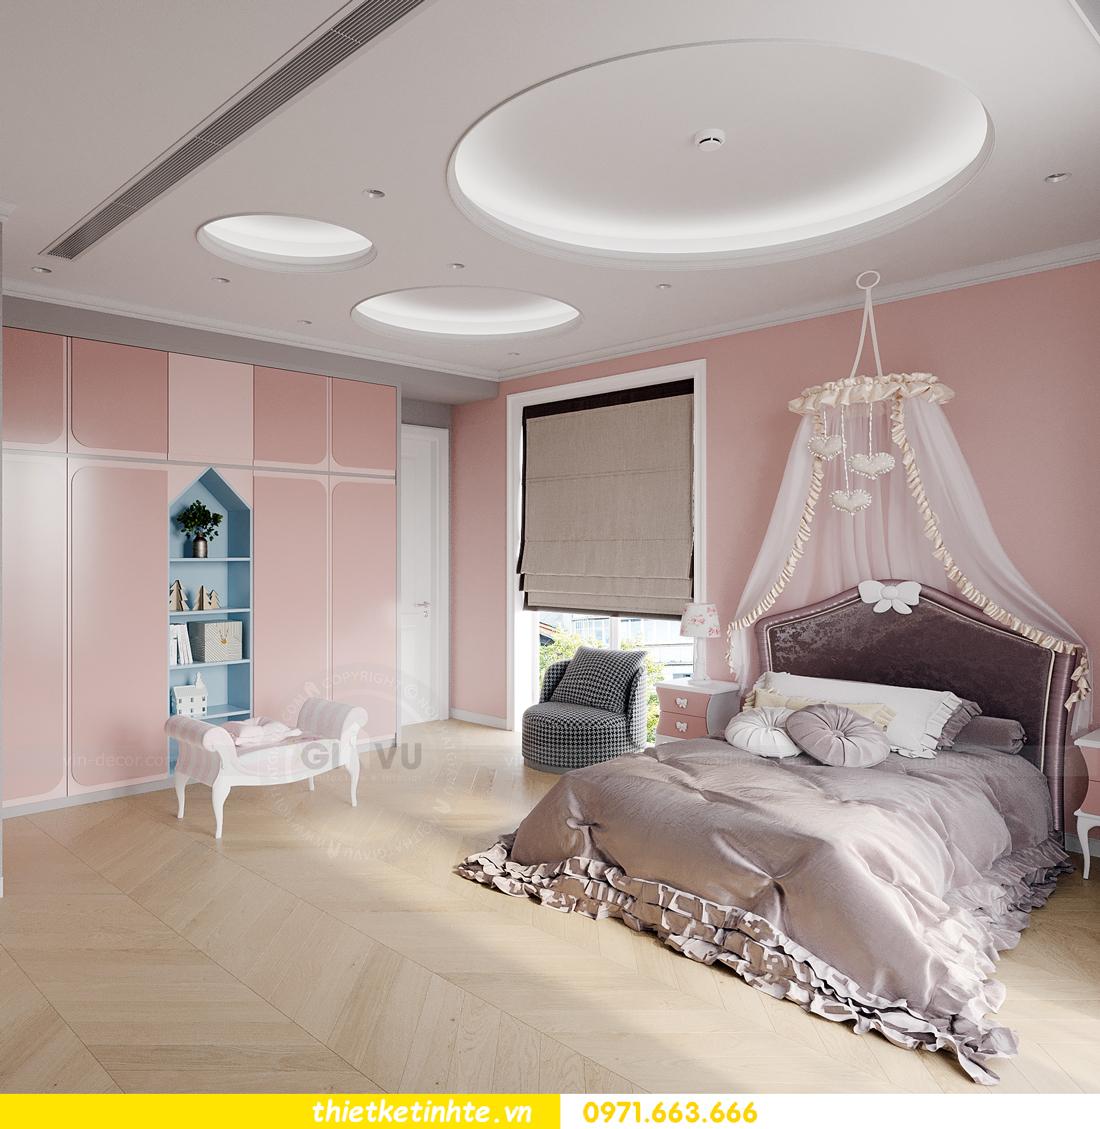 mẫu thiết kế nội thất biệt thự OCean Park San Hô 0203 14